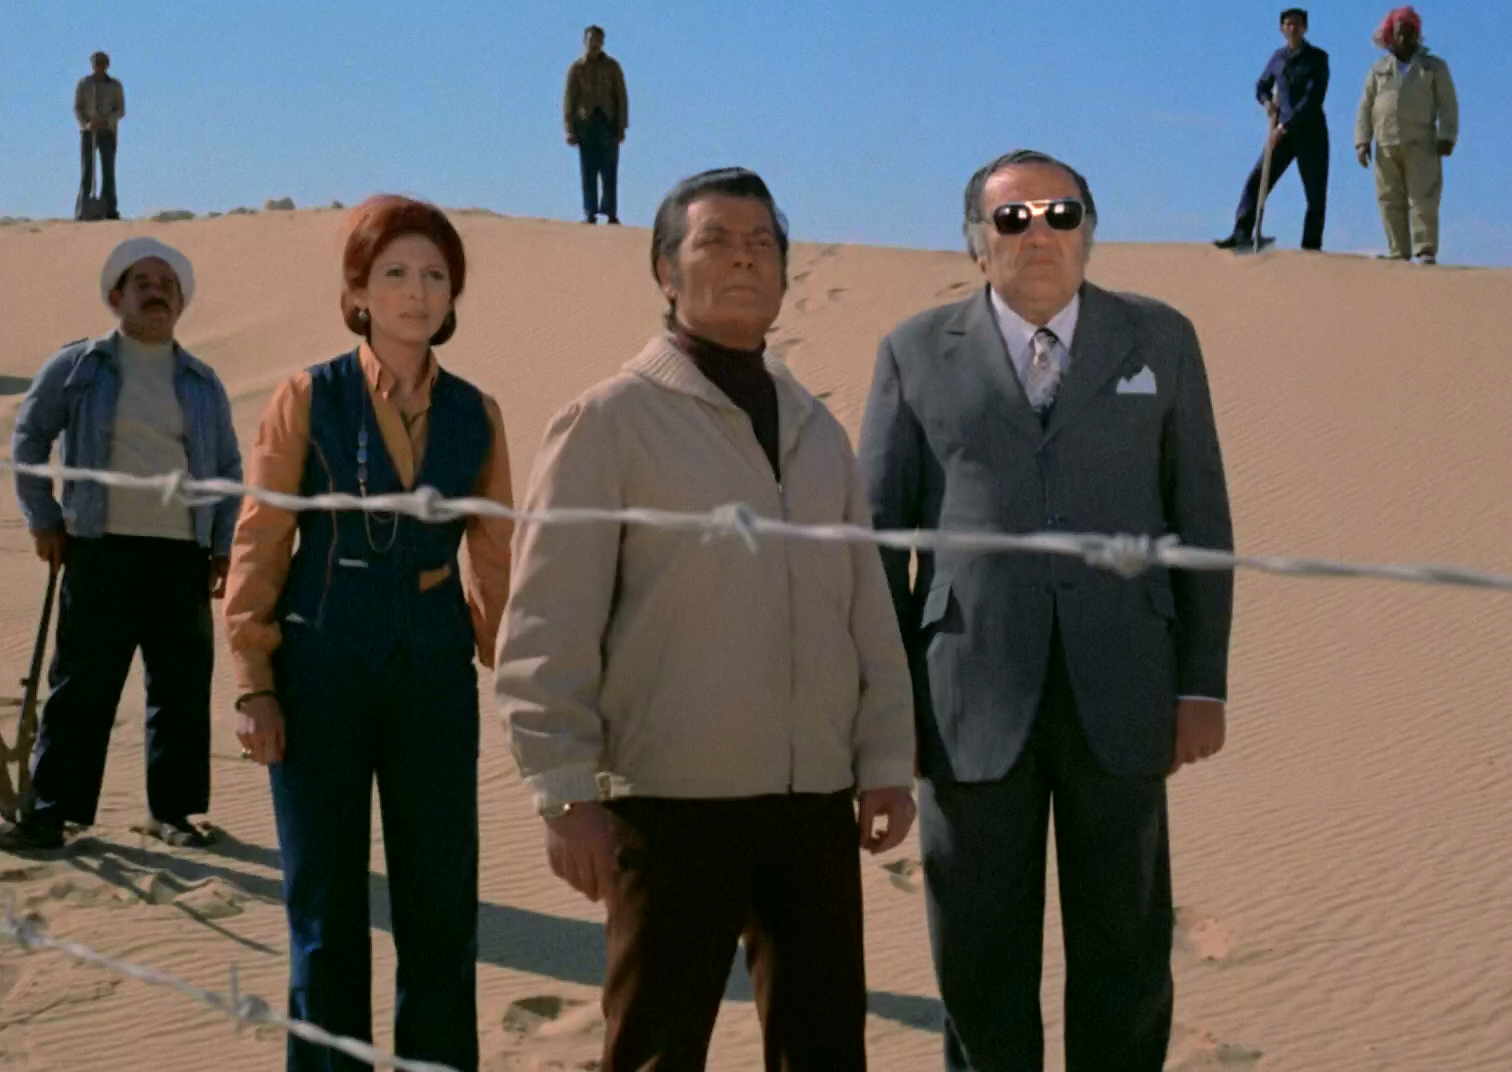 [فيلم][تورنت][تحميل][صراع العشاق][1981][1080p][Web-DL] 8 arabp2p.com